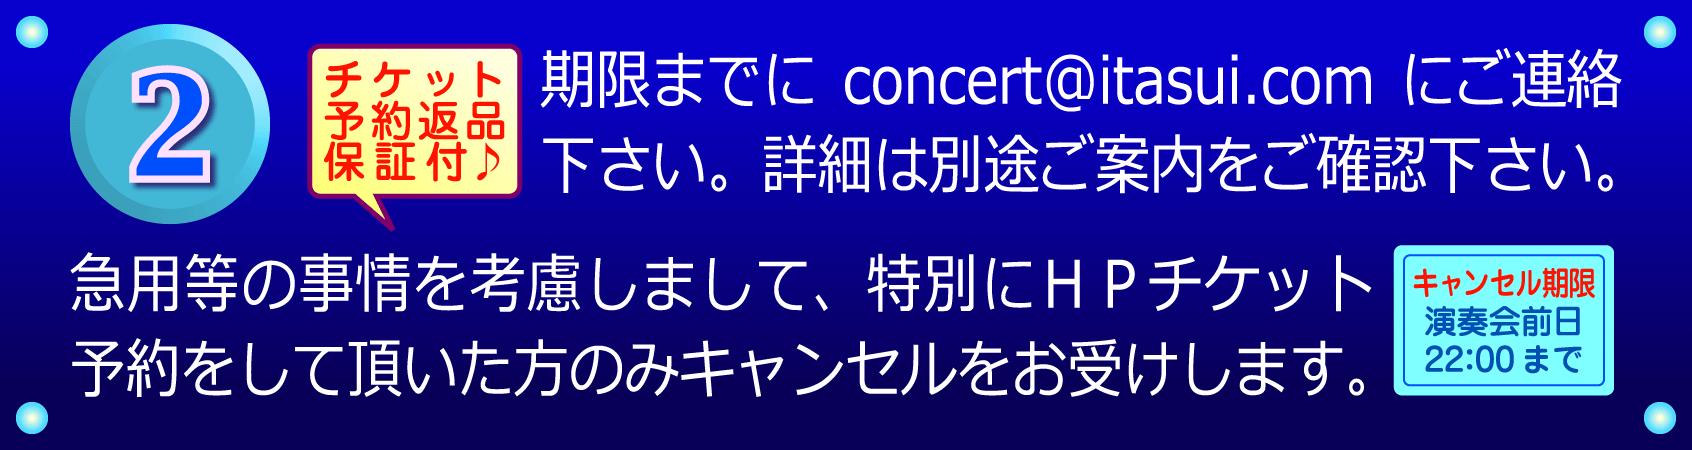 チケット予約返品保証付♪期限までにconcert@itasui.comにご連絡下さい。詳細は別途ご案内をご確認下さい。 急用等の事情を考慮しまして、特別にHPチケット予約をして頂いた方のみキャンセルをお受けします。